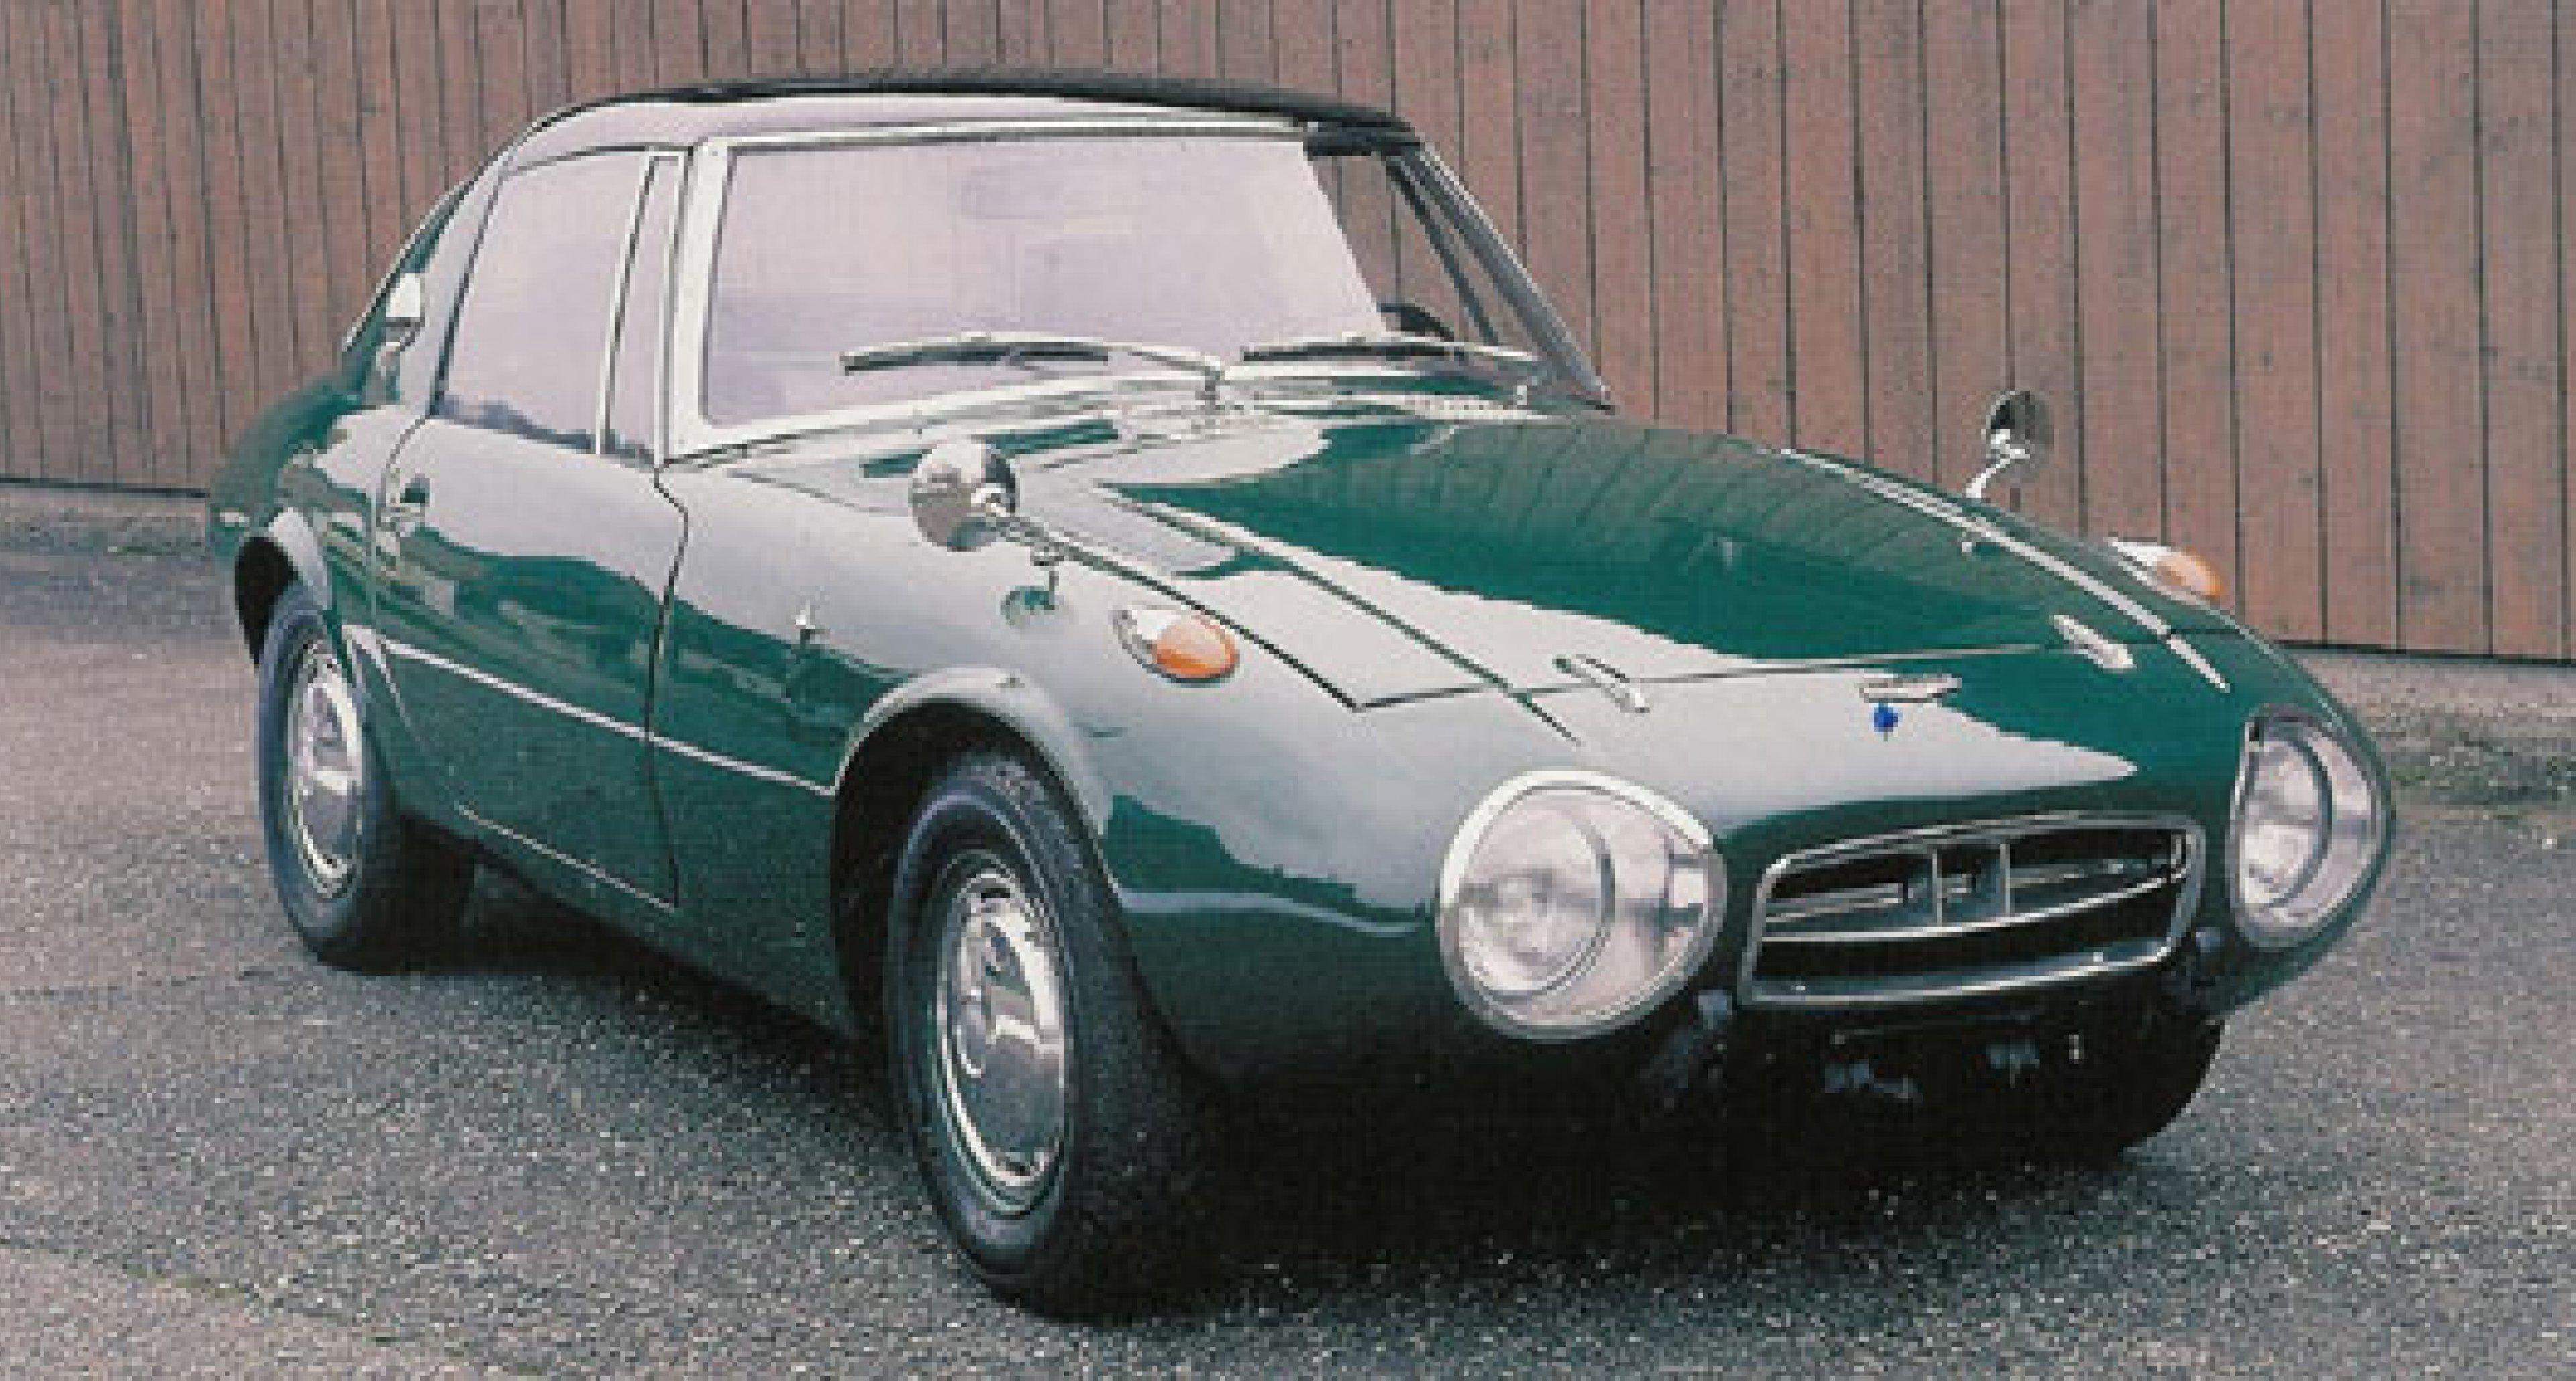 Christie's at Rétromobile, Paris 12th February 2005 - Auction Preview